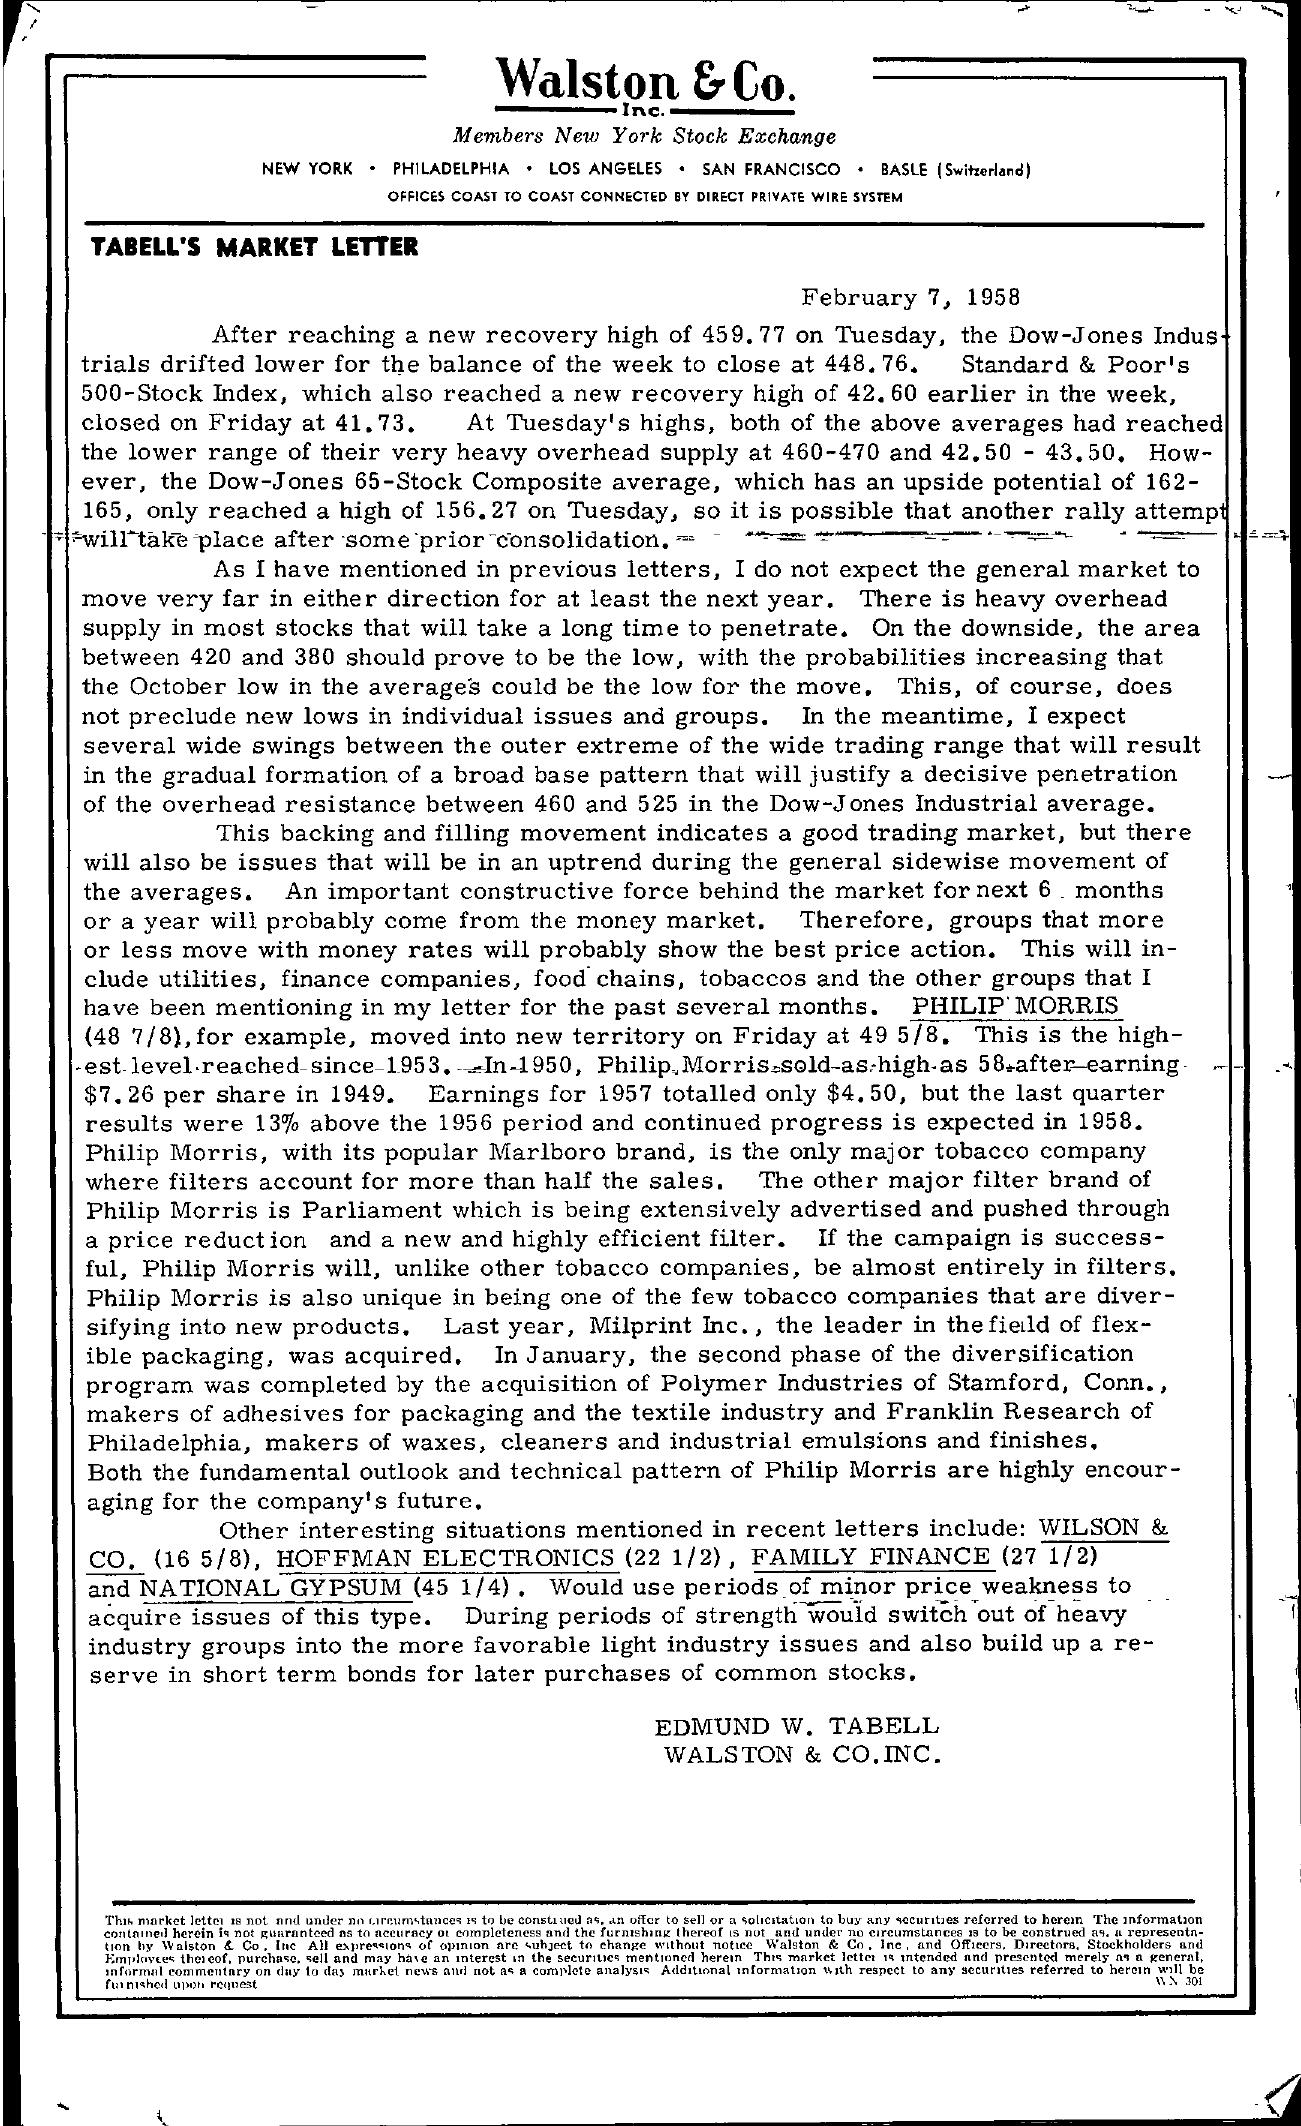 Tabell's Market Letter - February 07, 1958